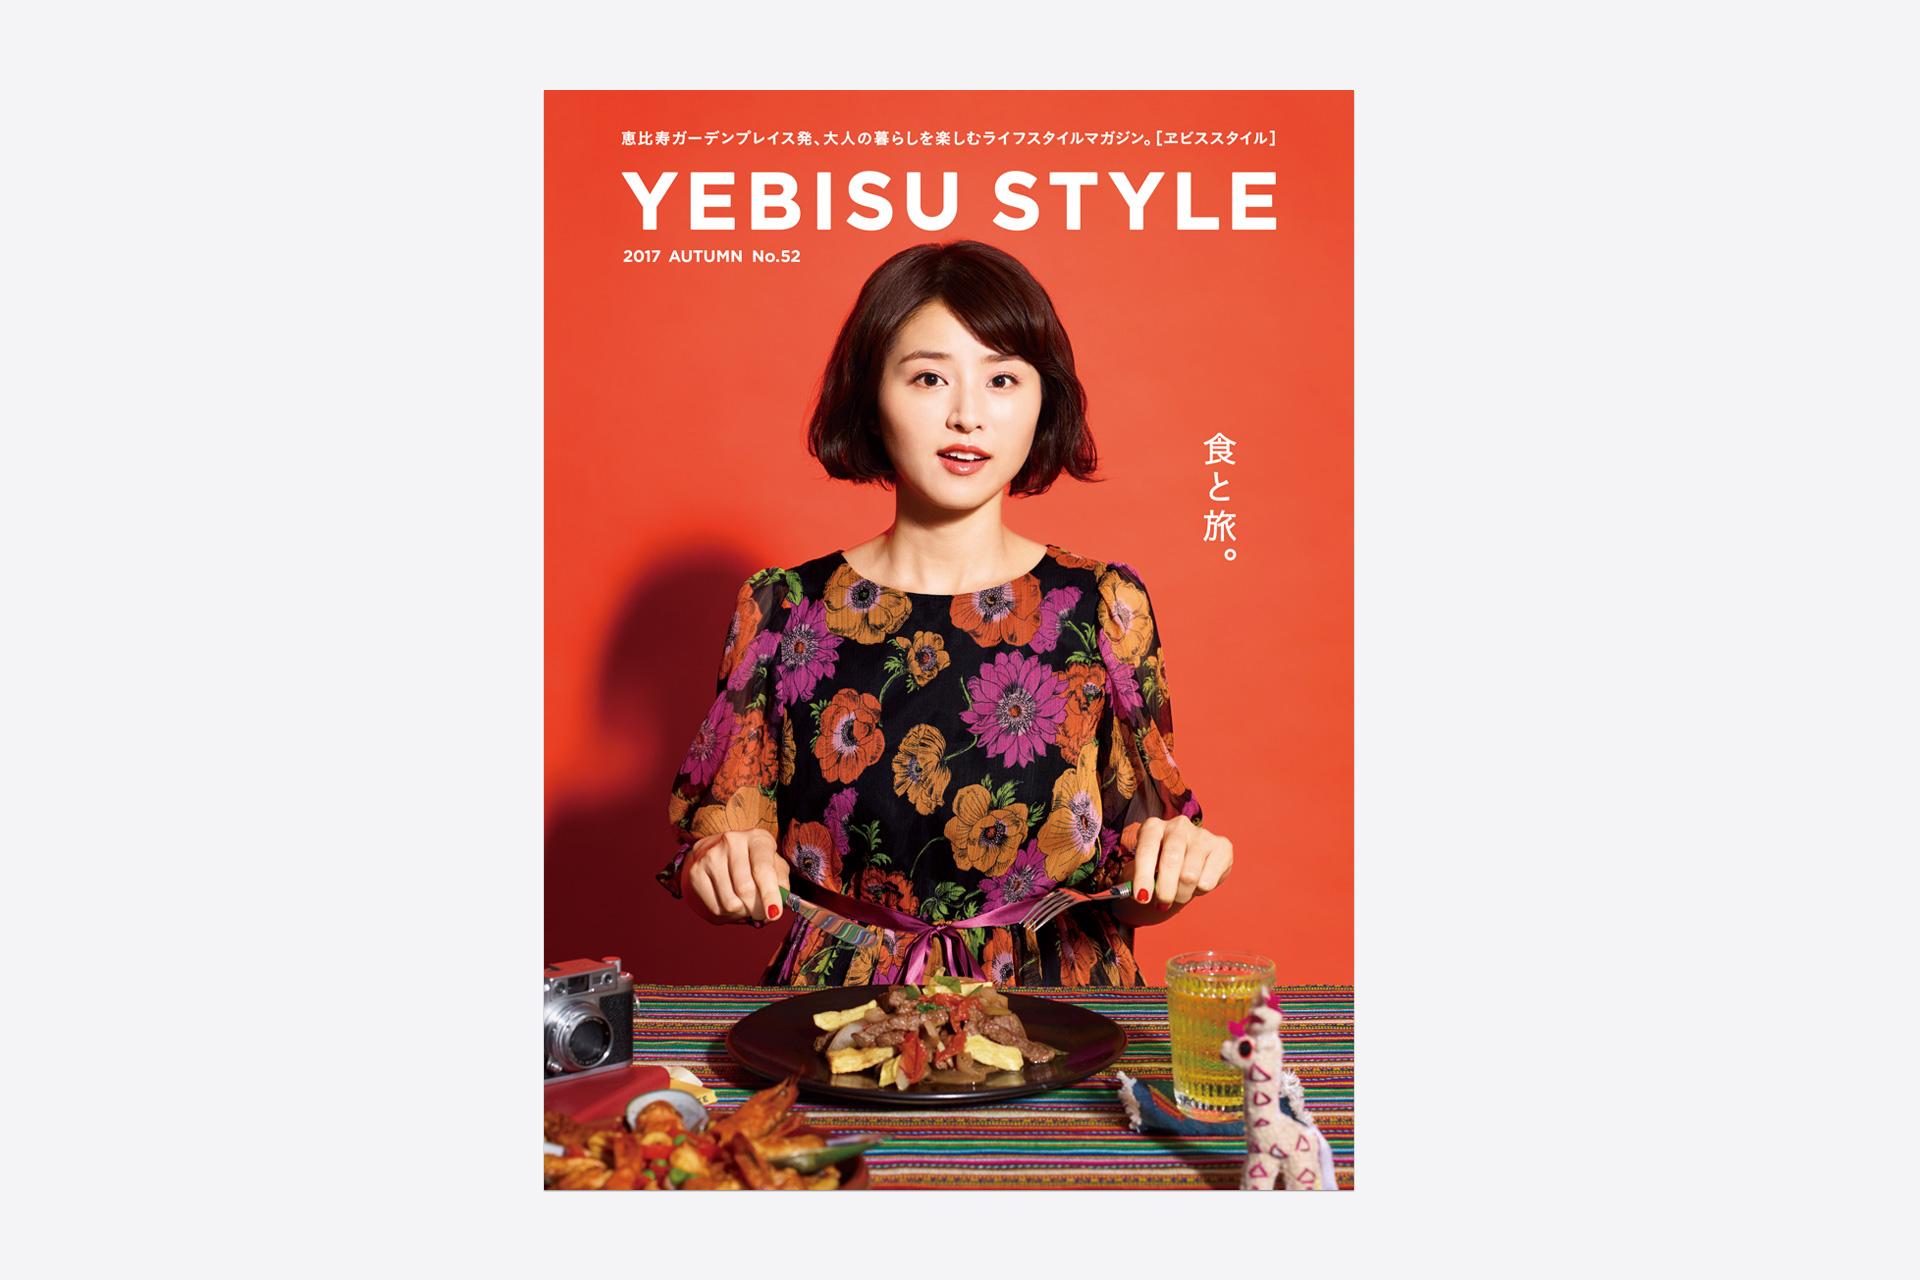 YEBISU STYLE vol.52